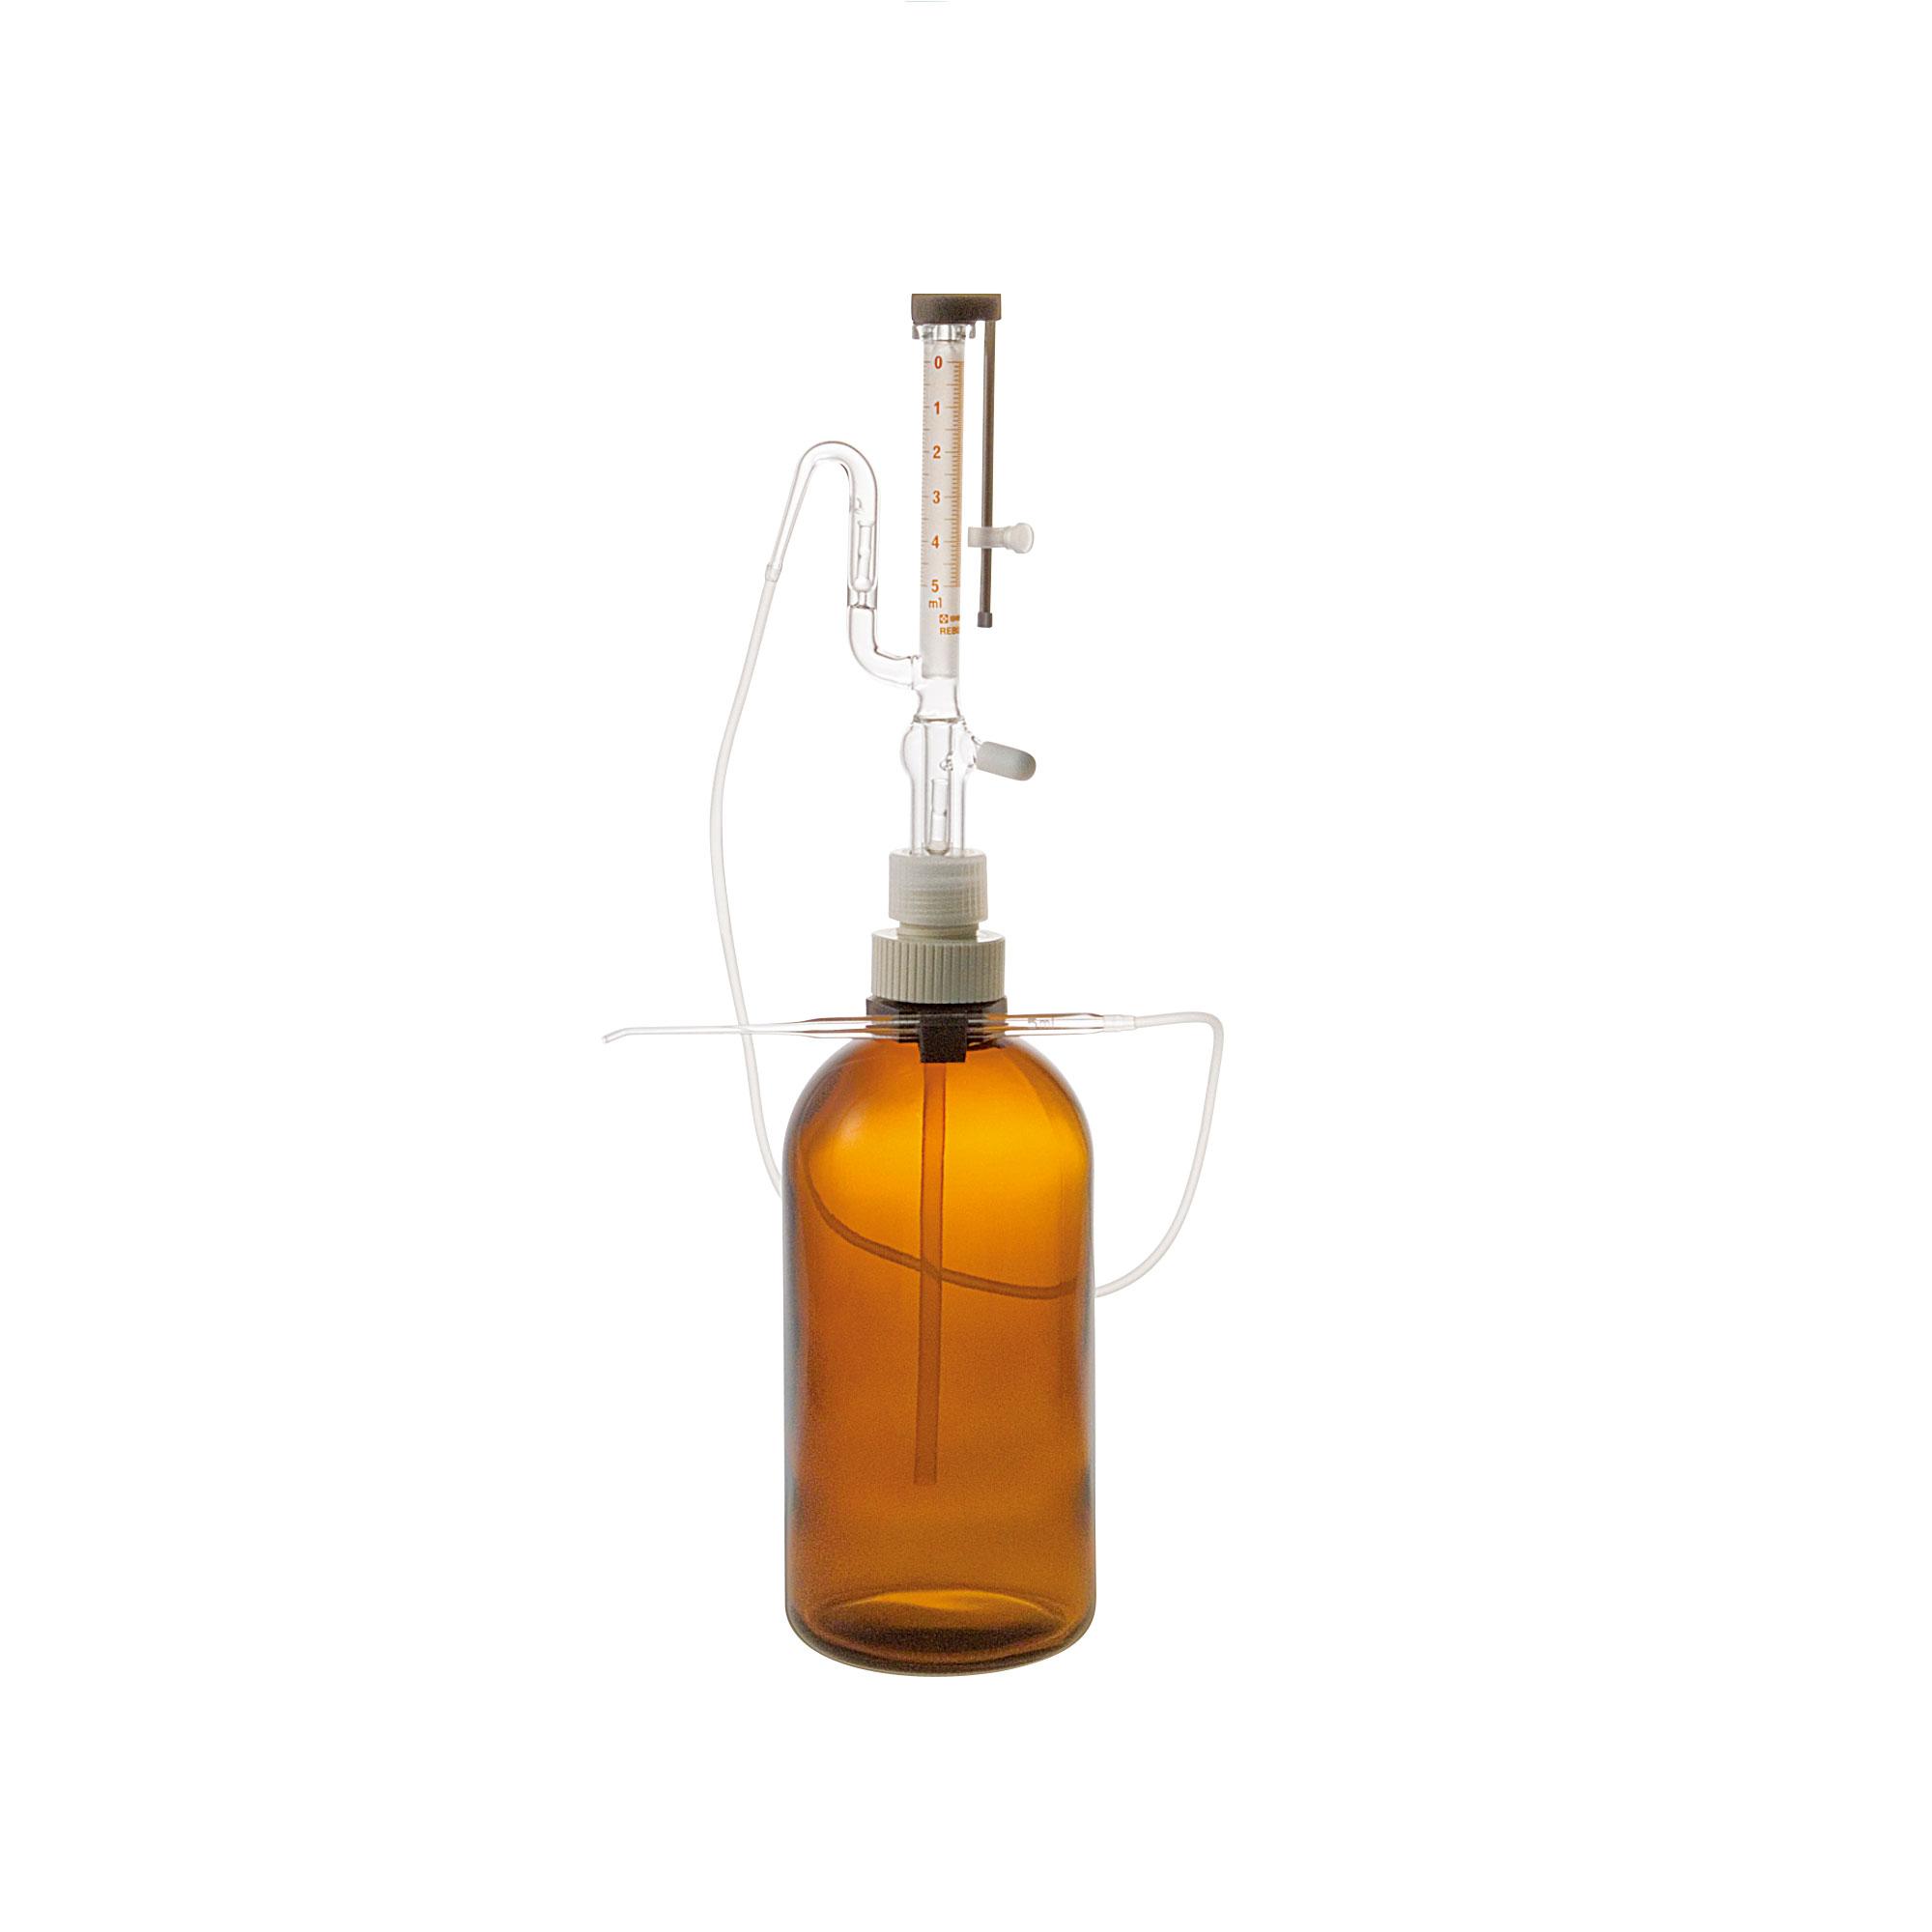 025110-10 分注器リビューレット 1-10mL 柴田科学(SIBATA)